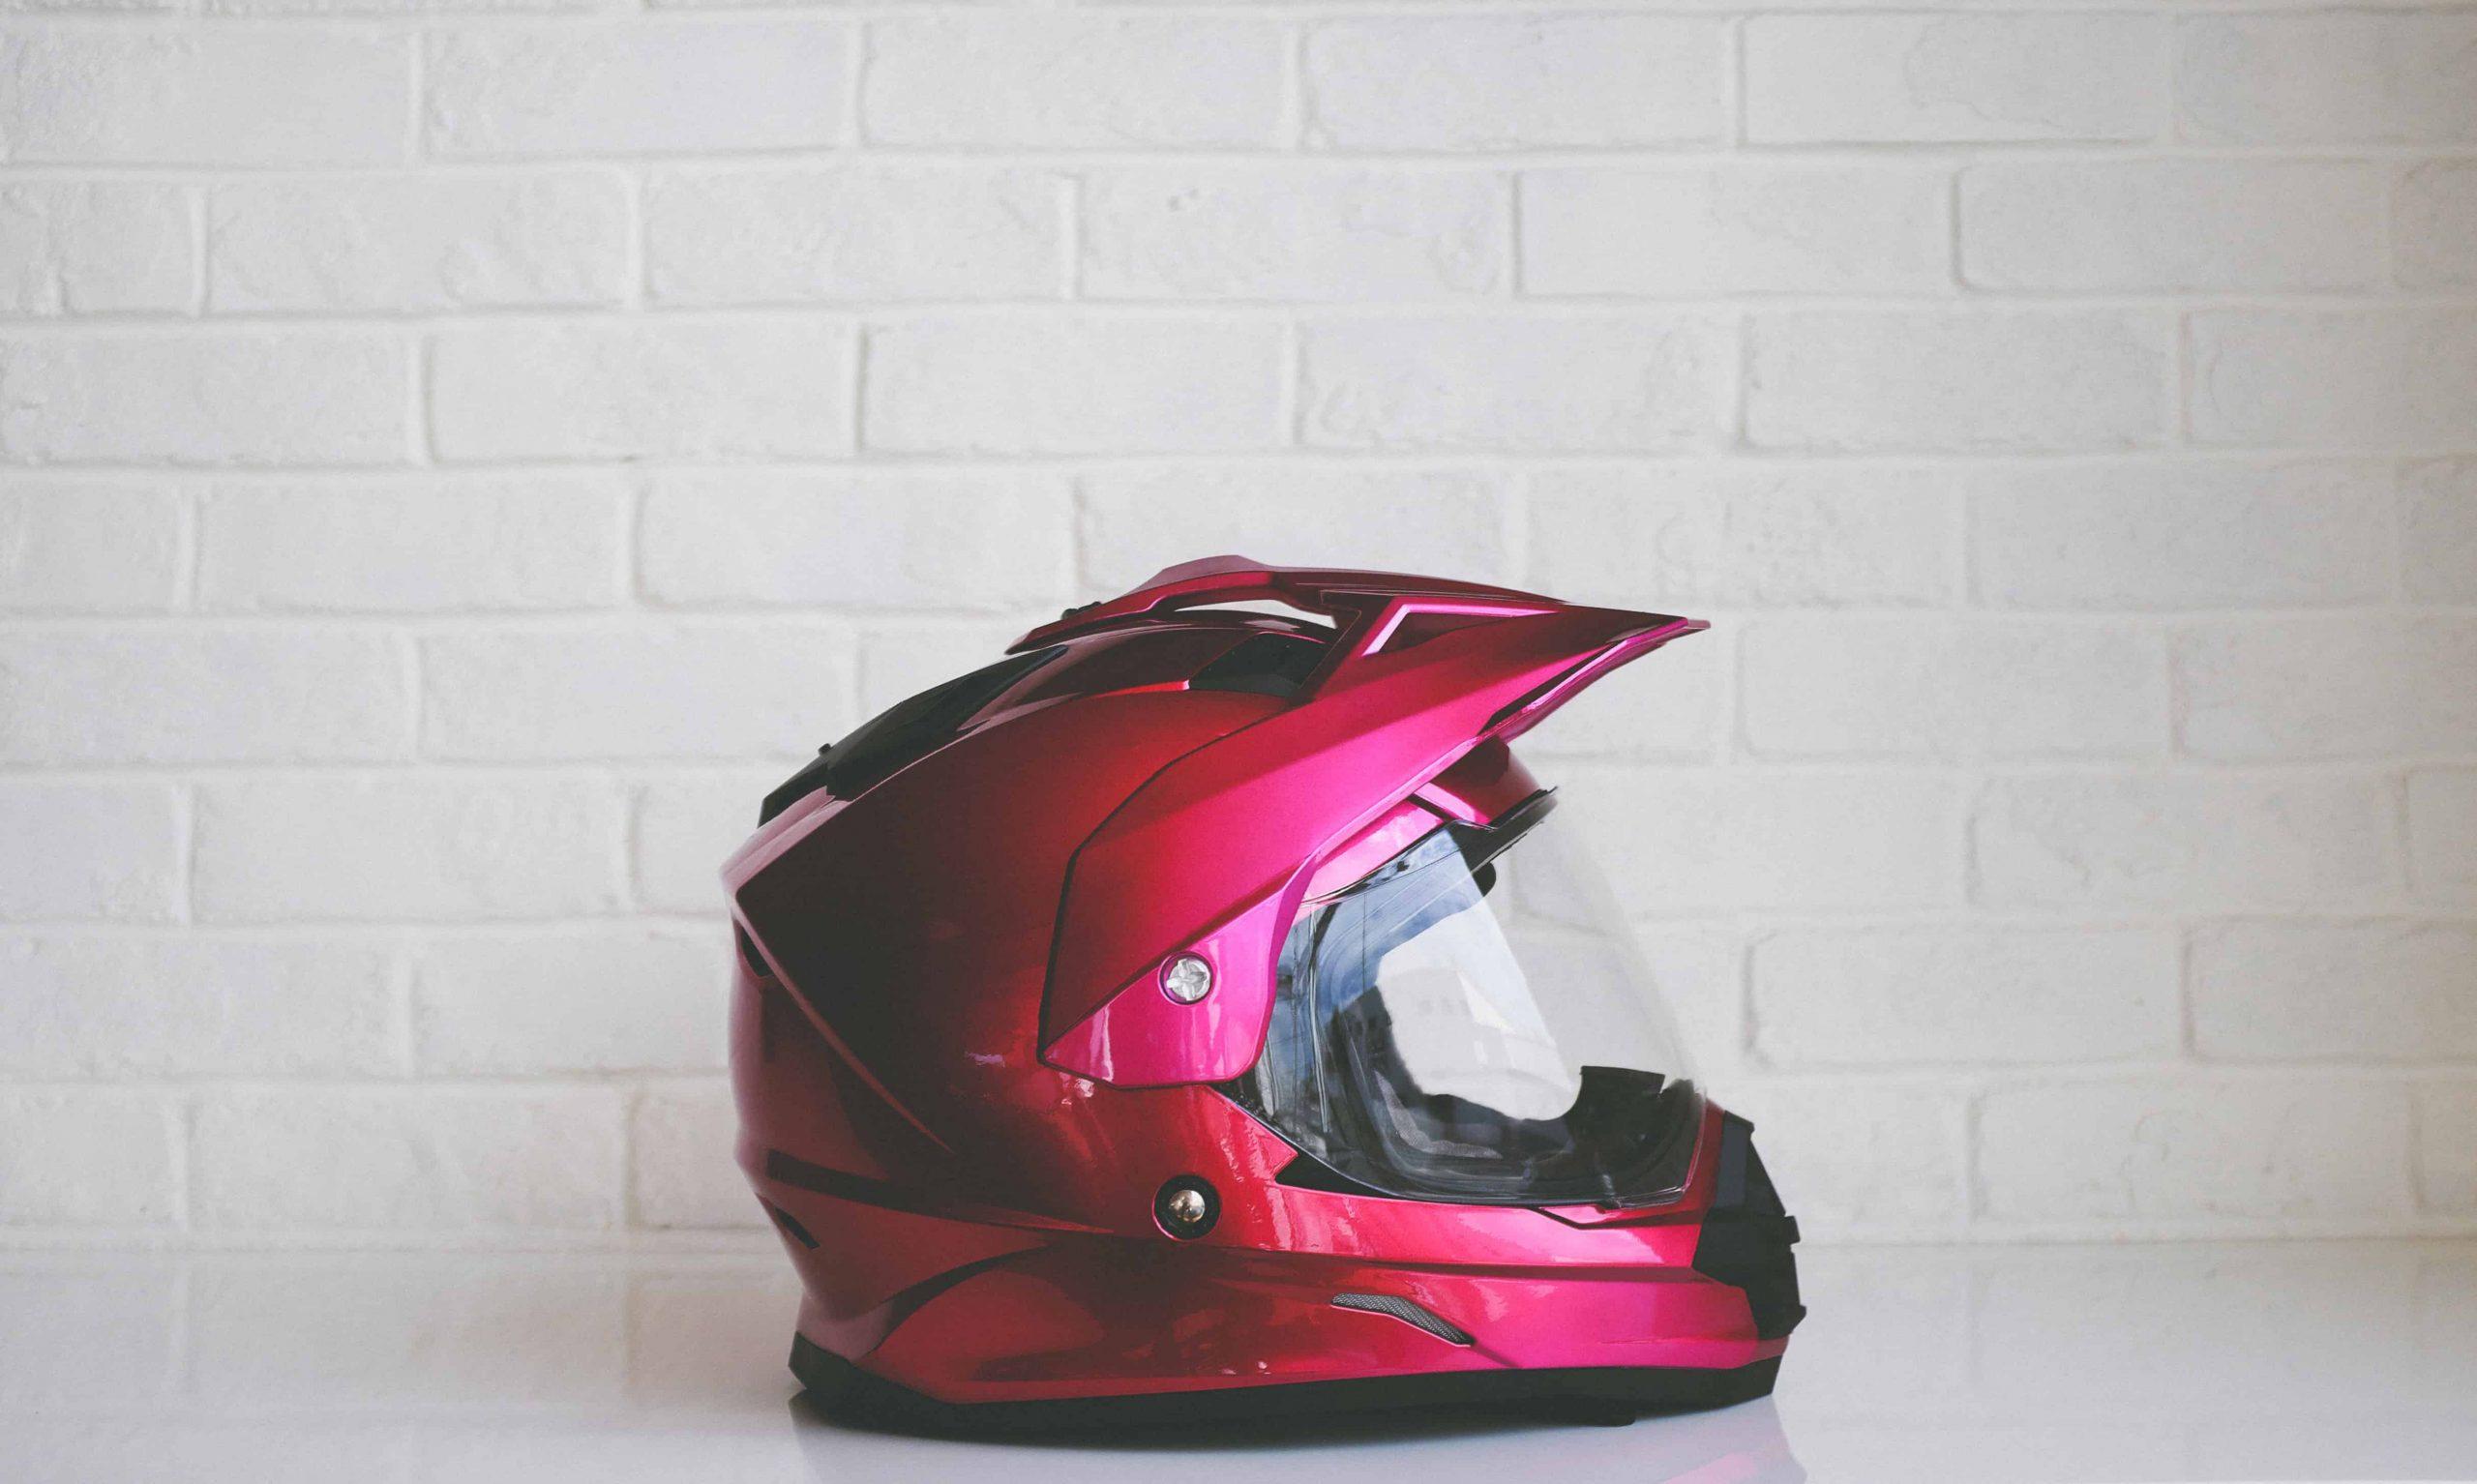 Casco para moto: ¿Cuál es el mejor del 2020?